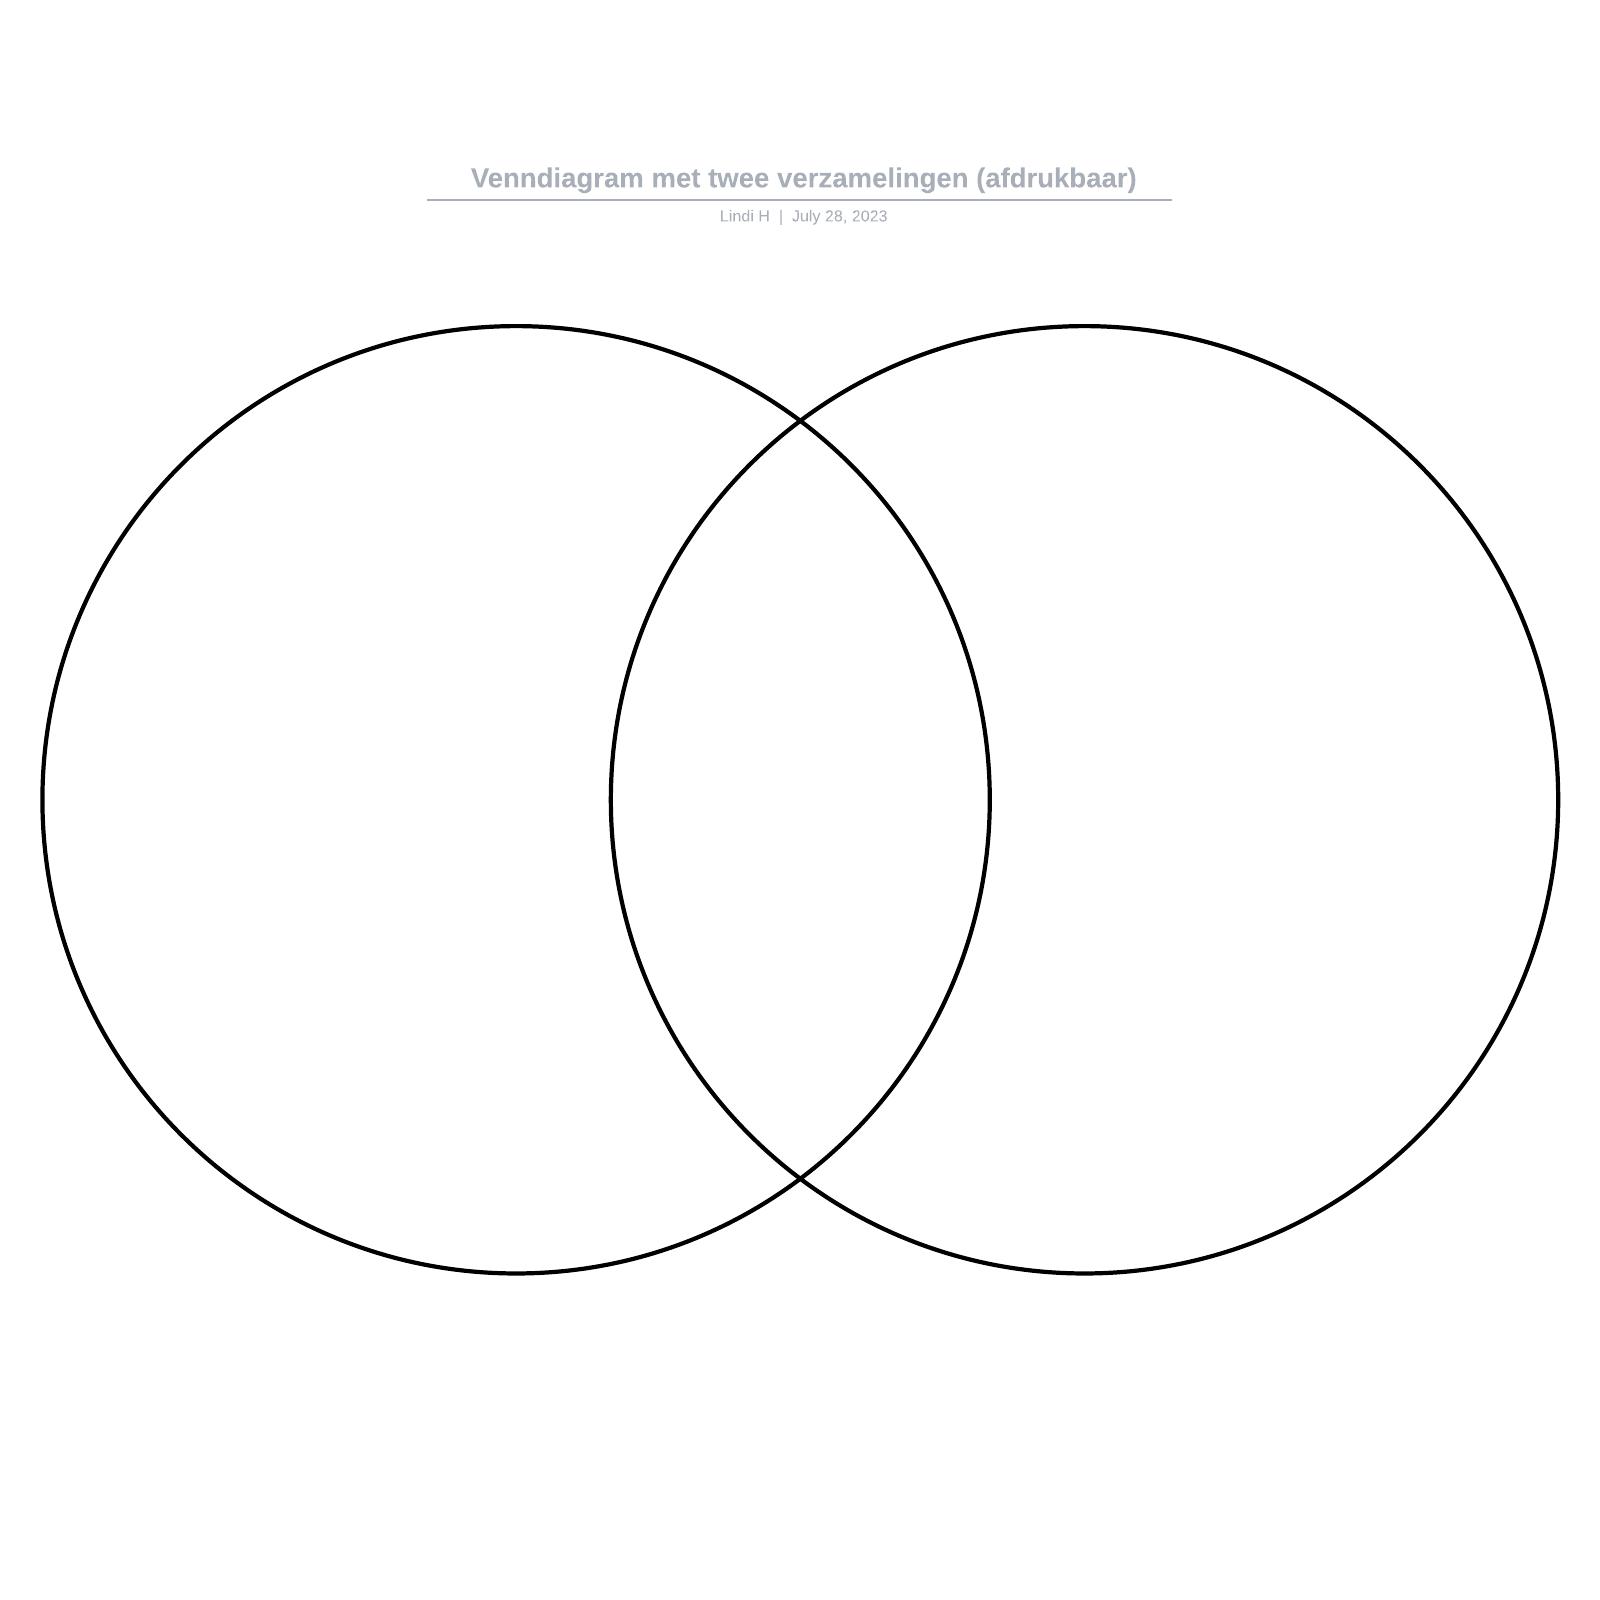 Venndiagram met twee verzamelingen (afdrukbaar)